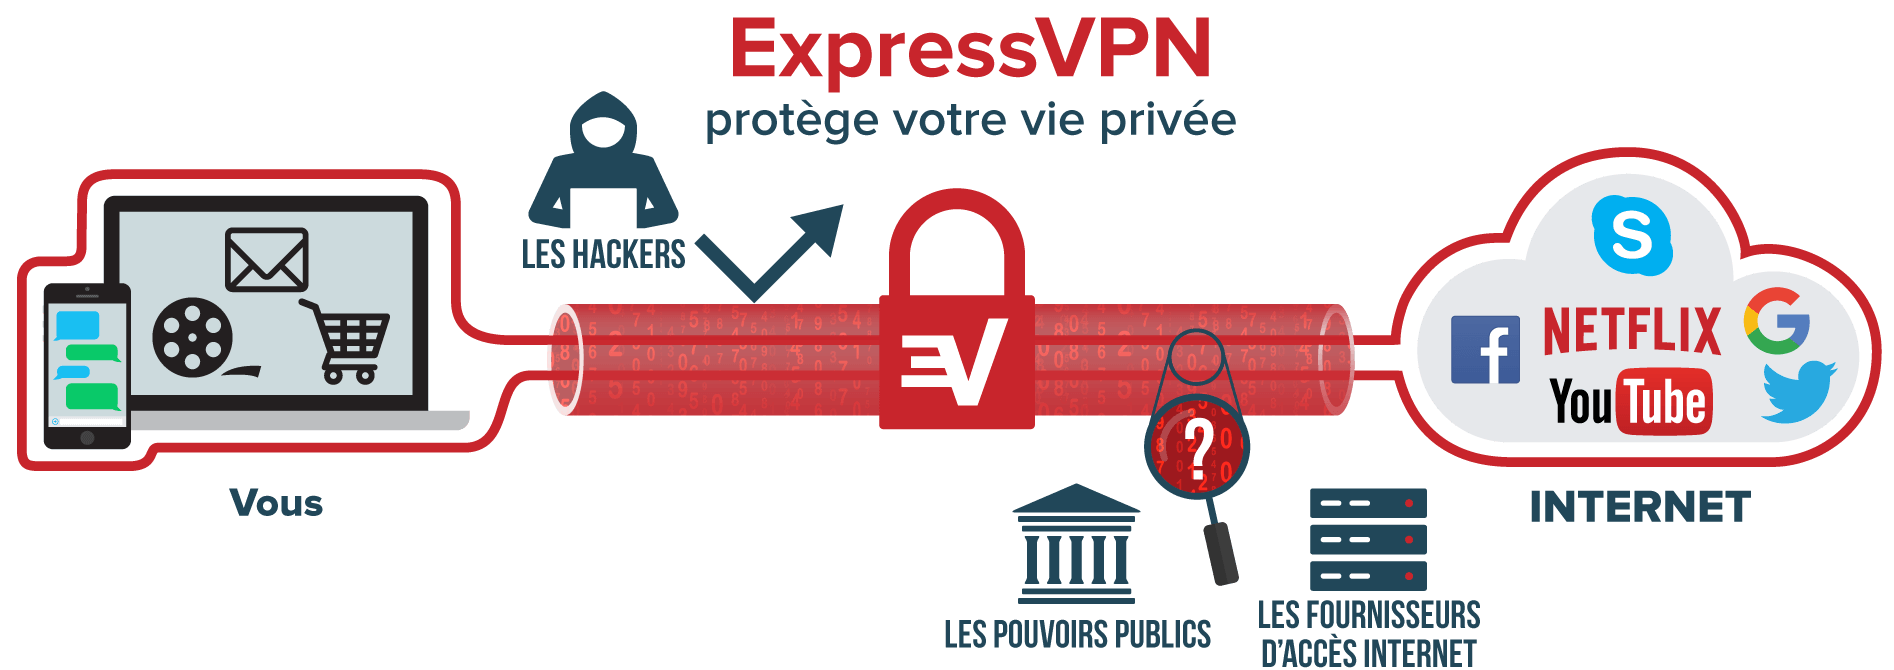 Qu'est-ce qu'un VPN : le trafic Internet passe par le tunnel VPN depuis l'appareil de l'utilisateur vers Internet